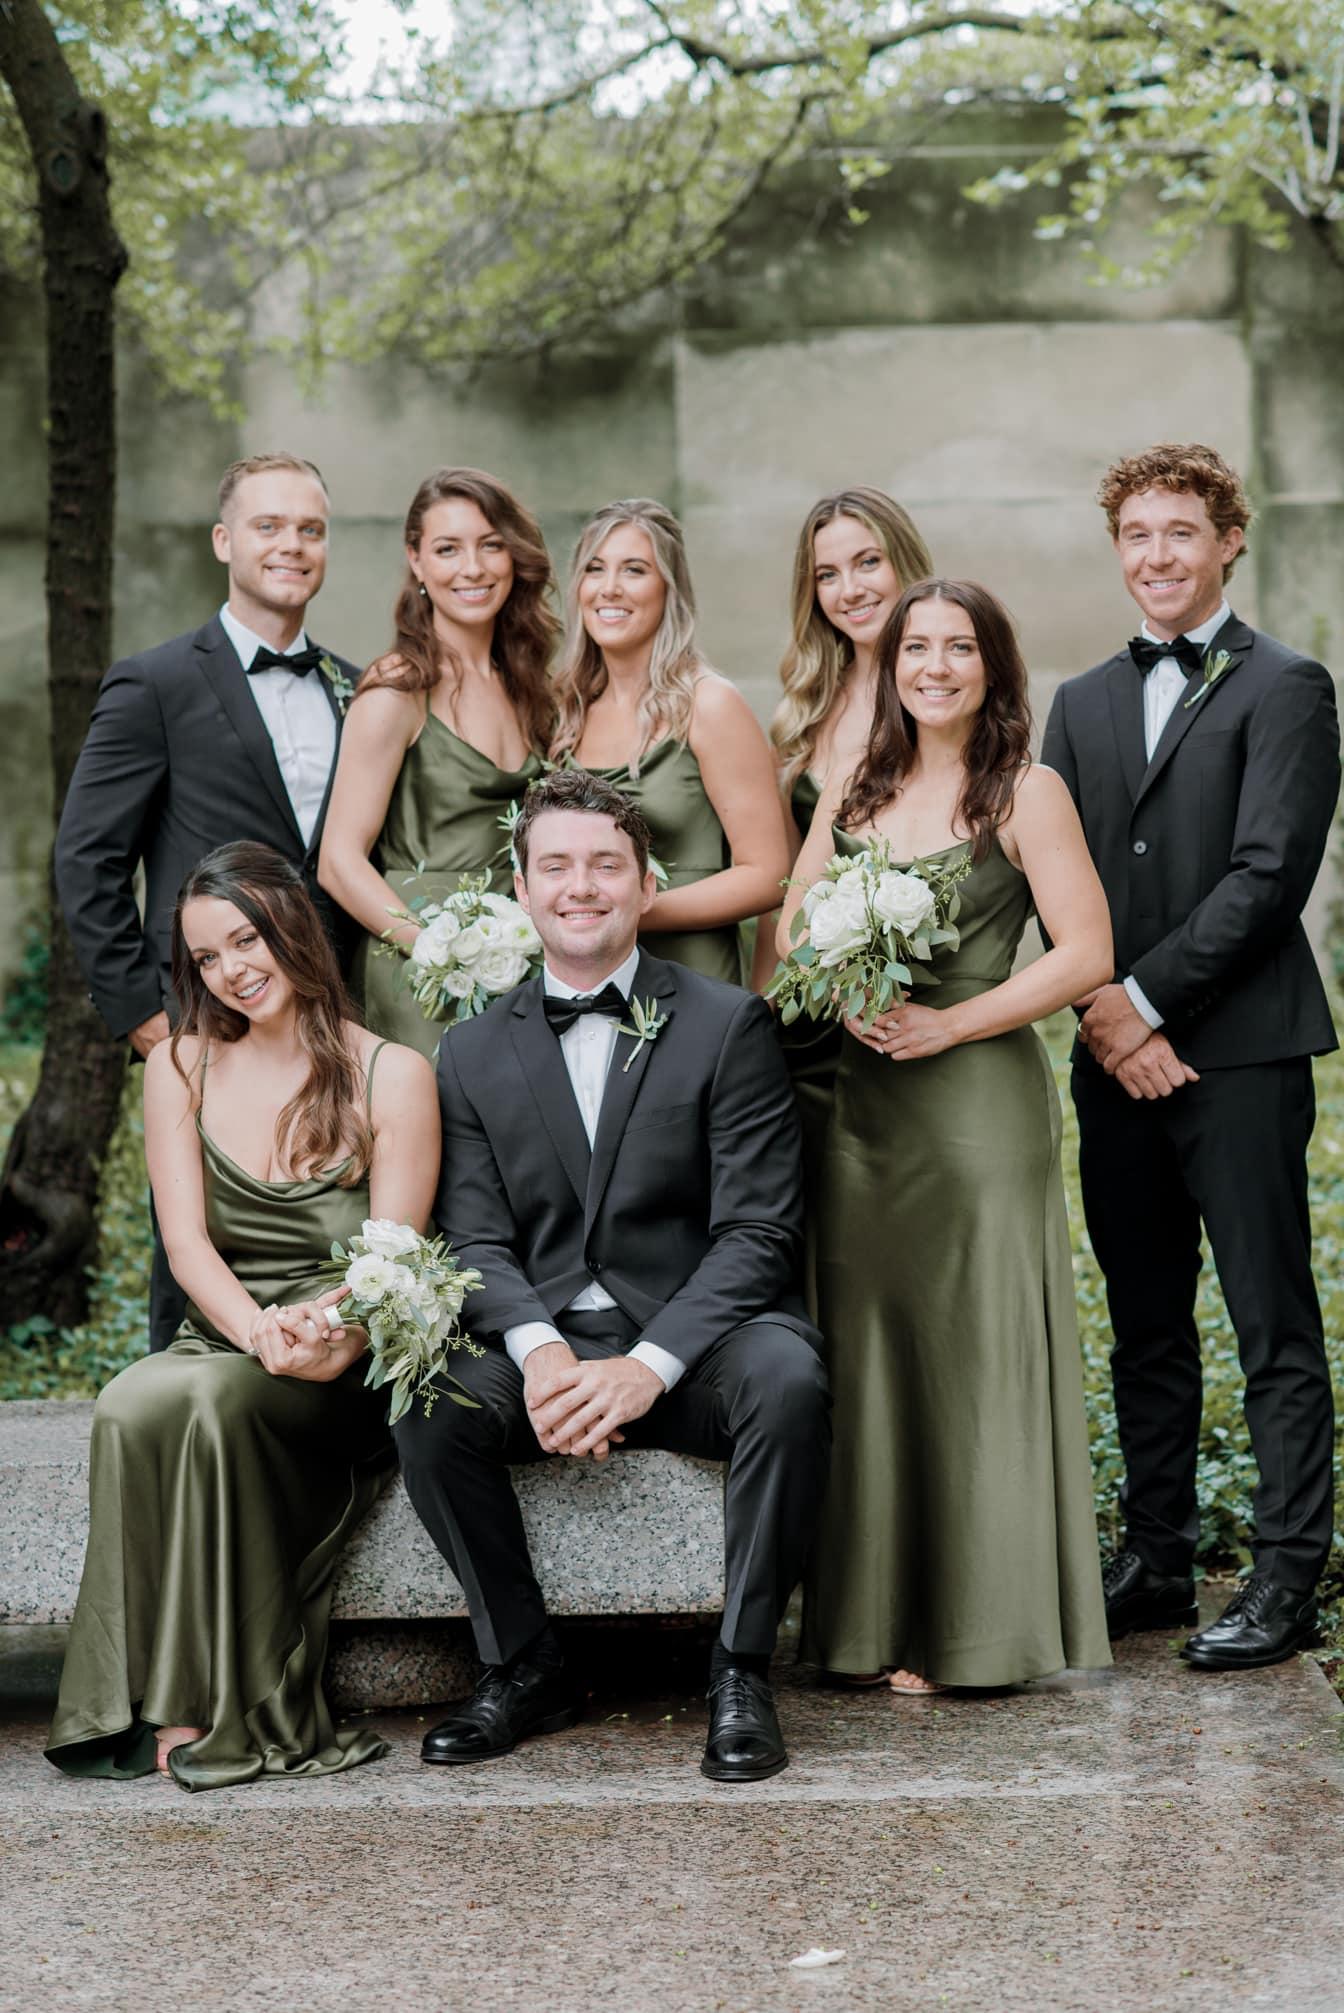 Wedding Party sitting at Chicago Art Institute Garden